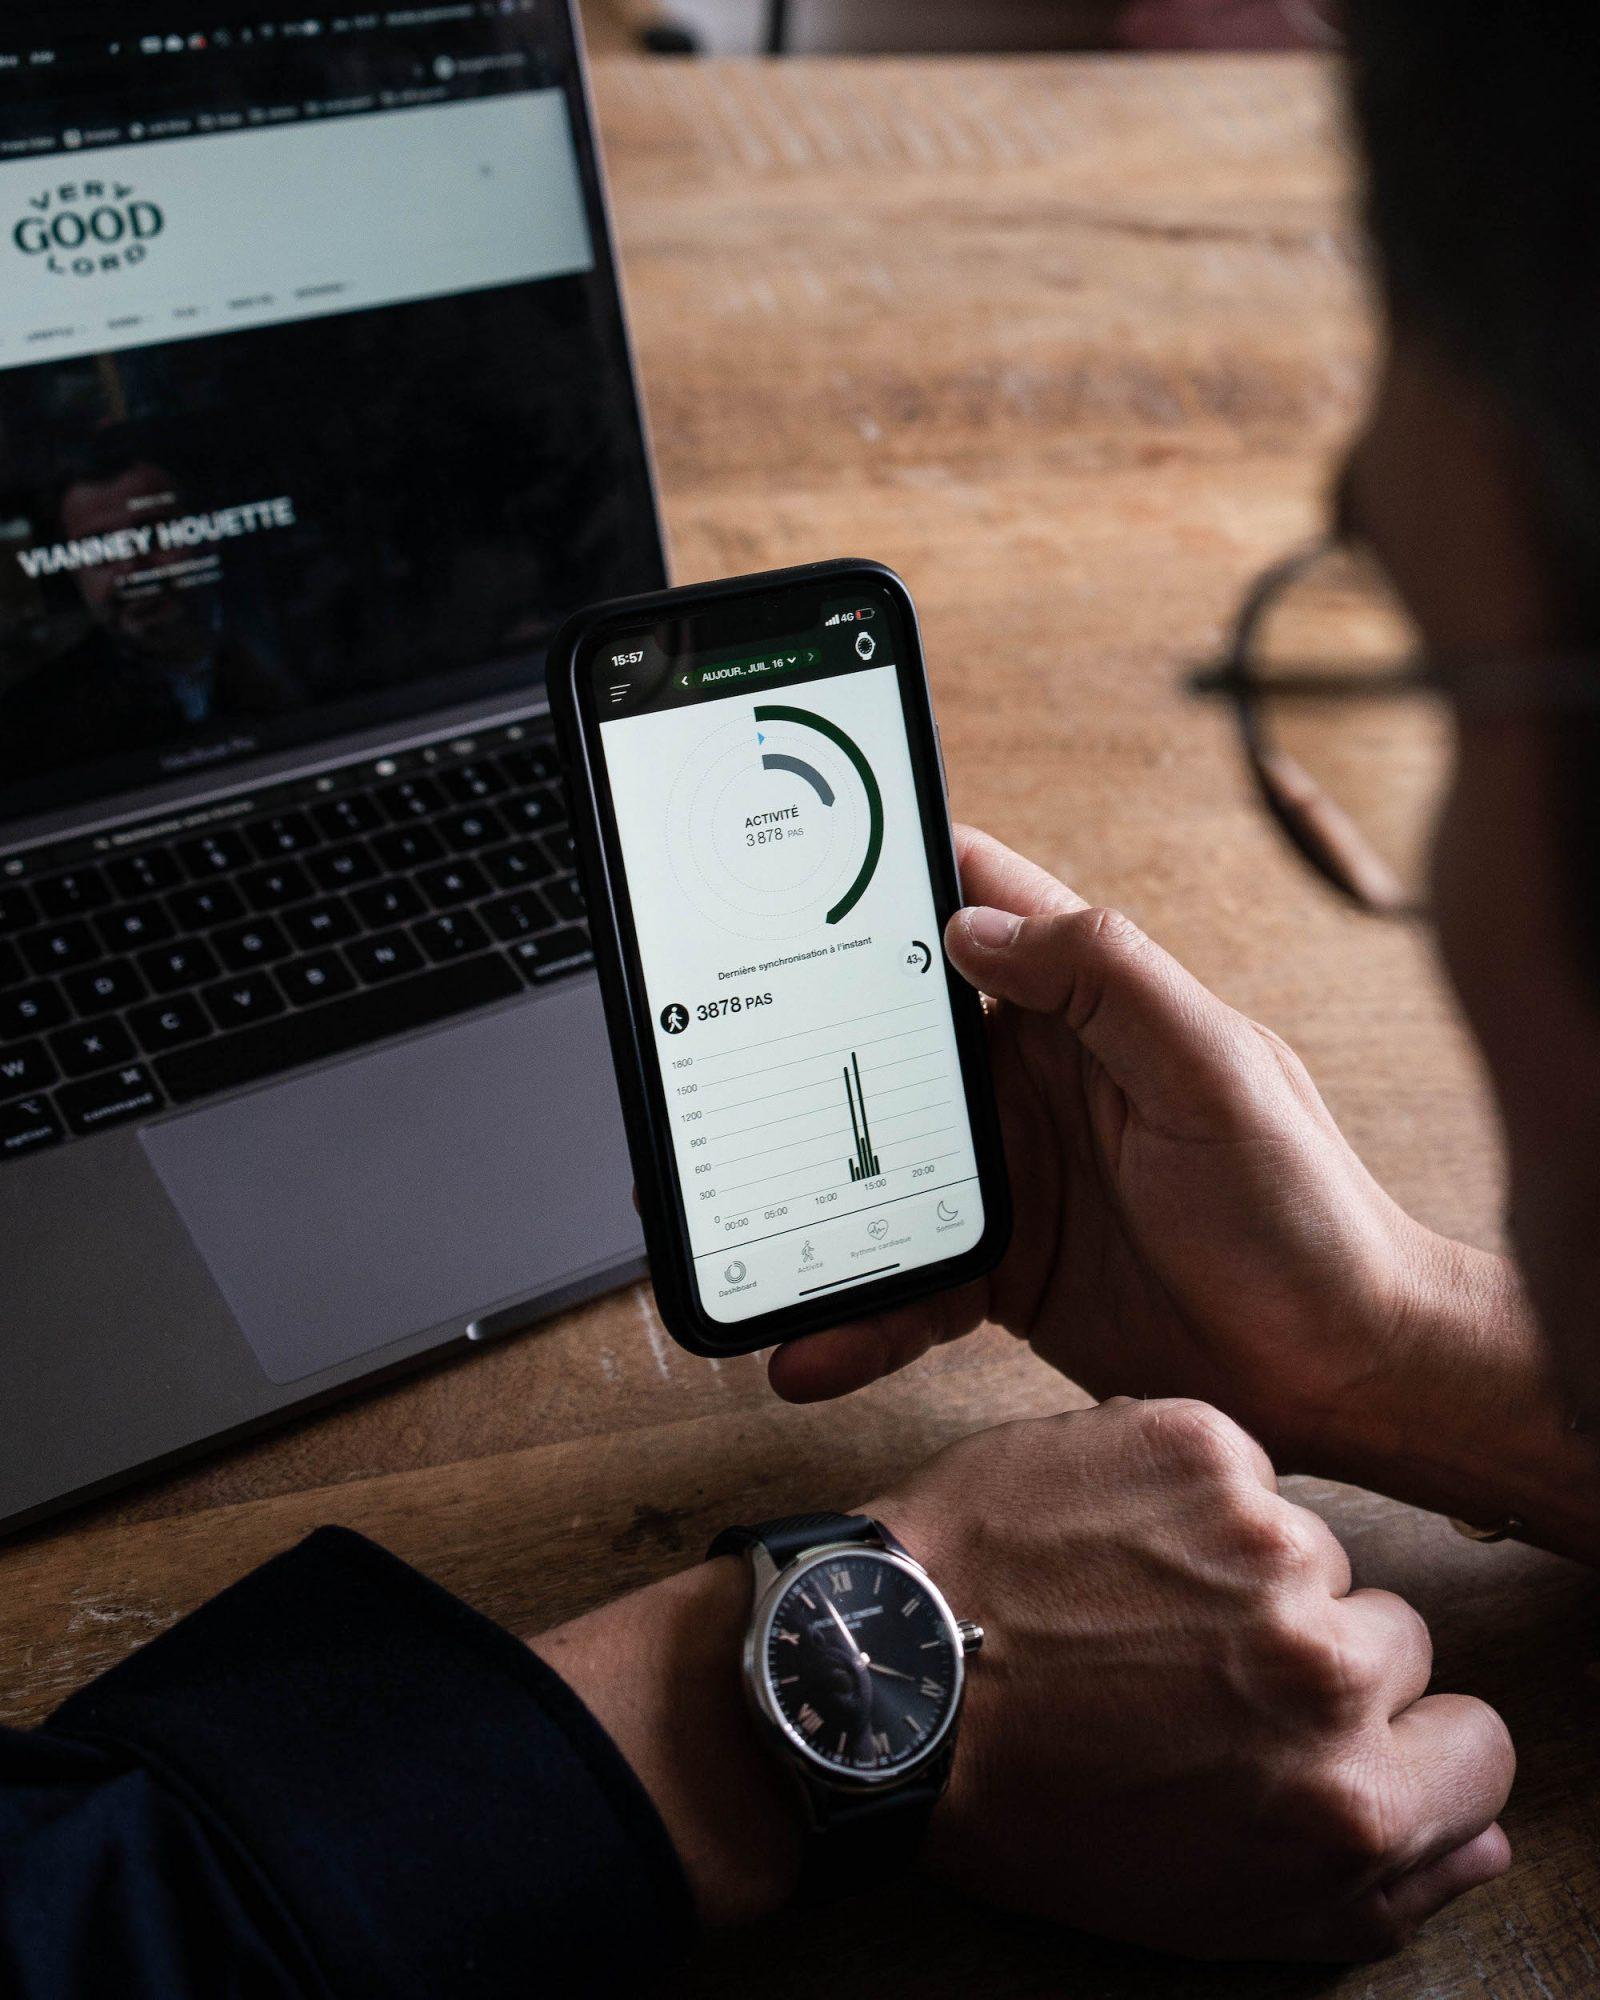 app frederique constant vitality montre connectee